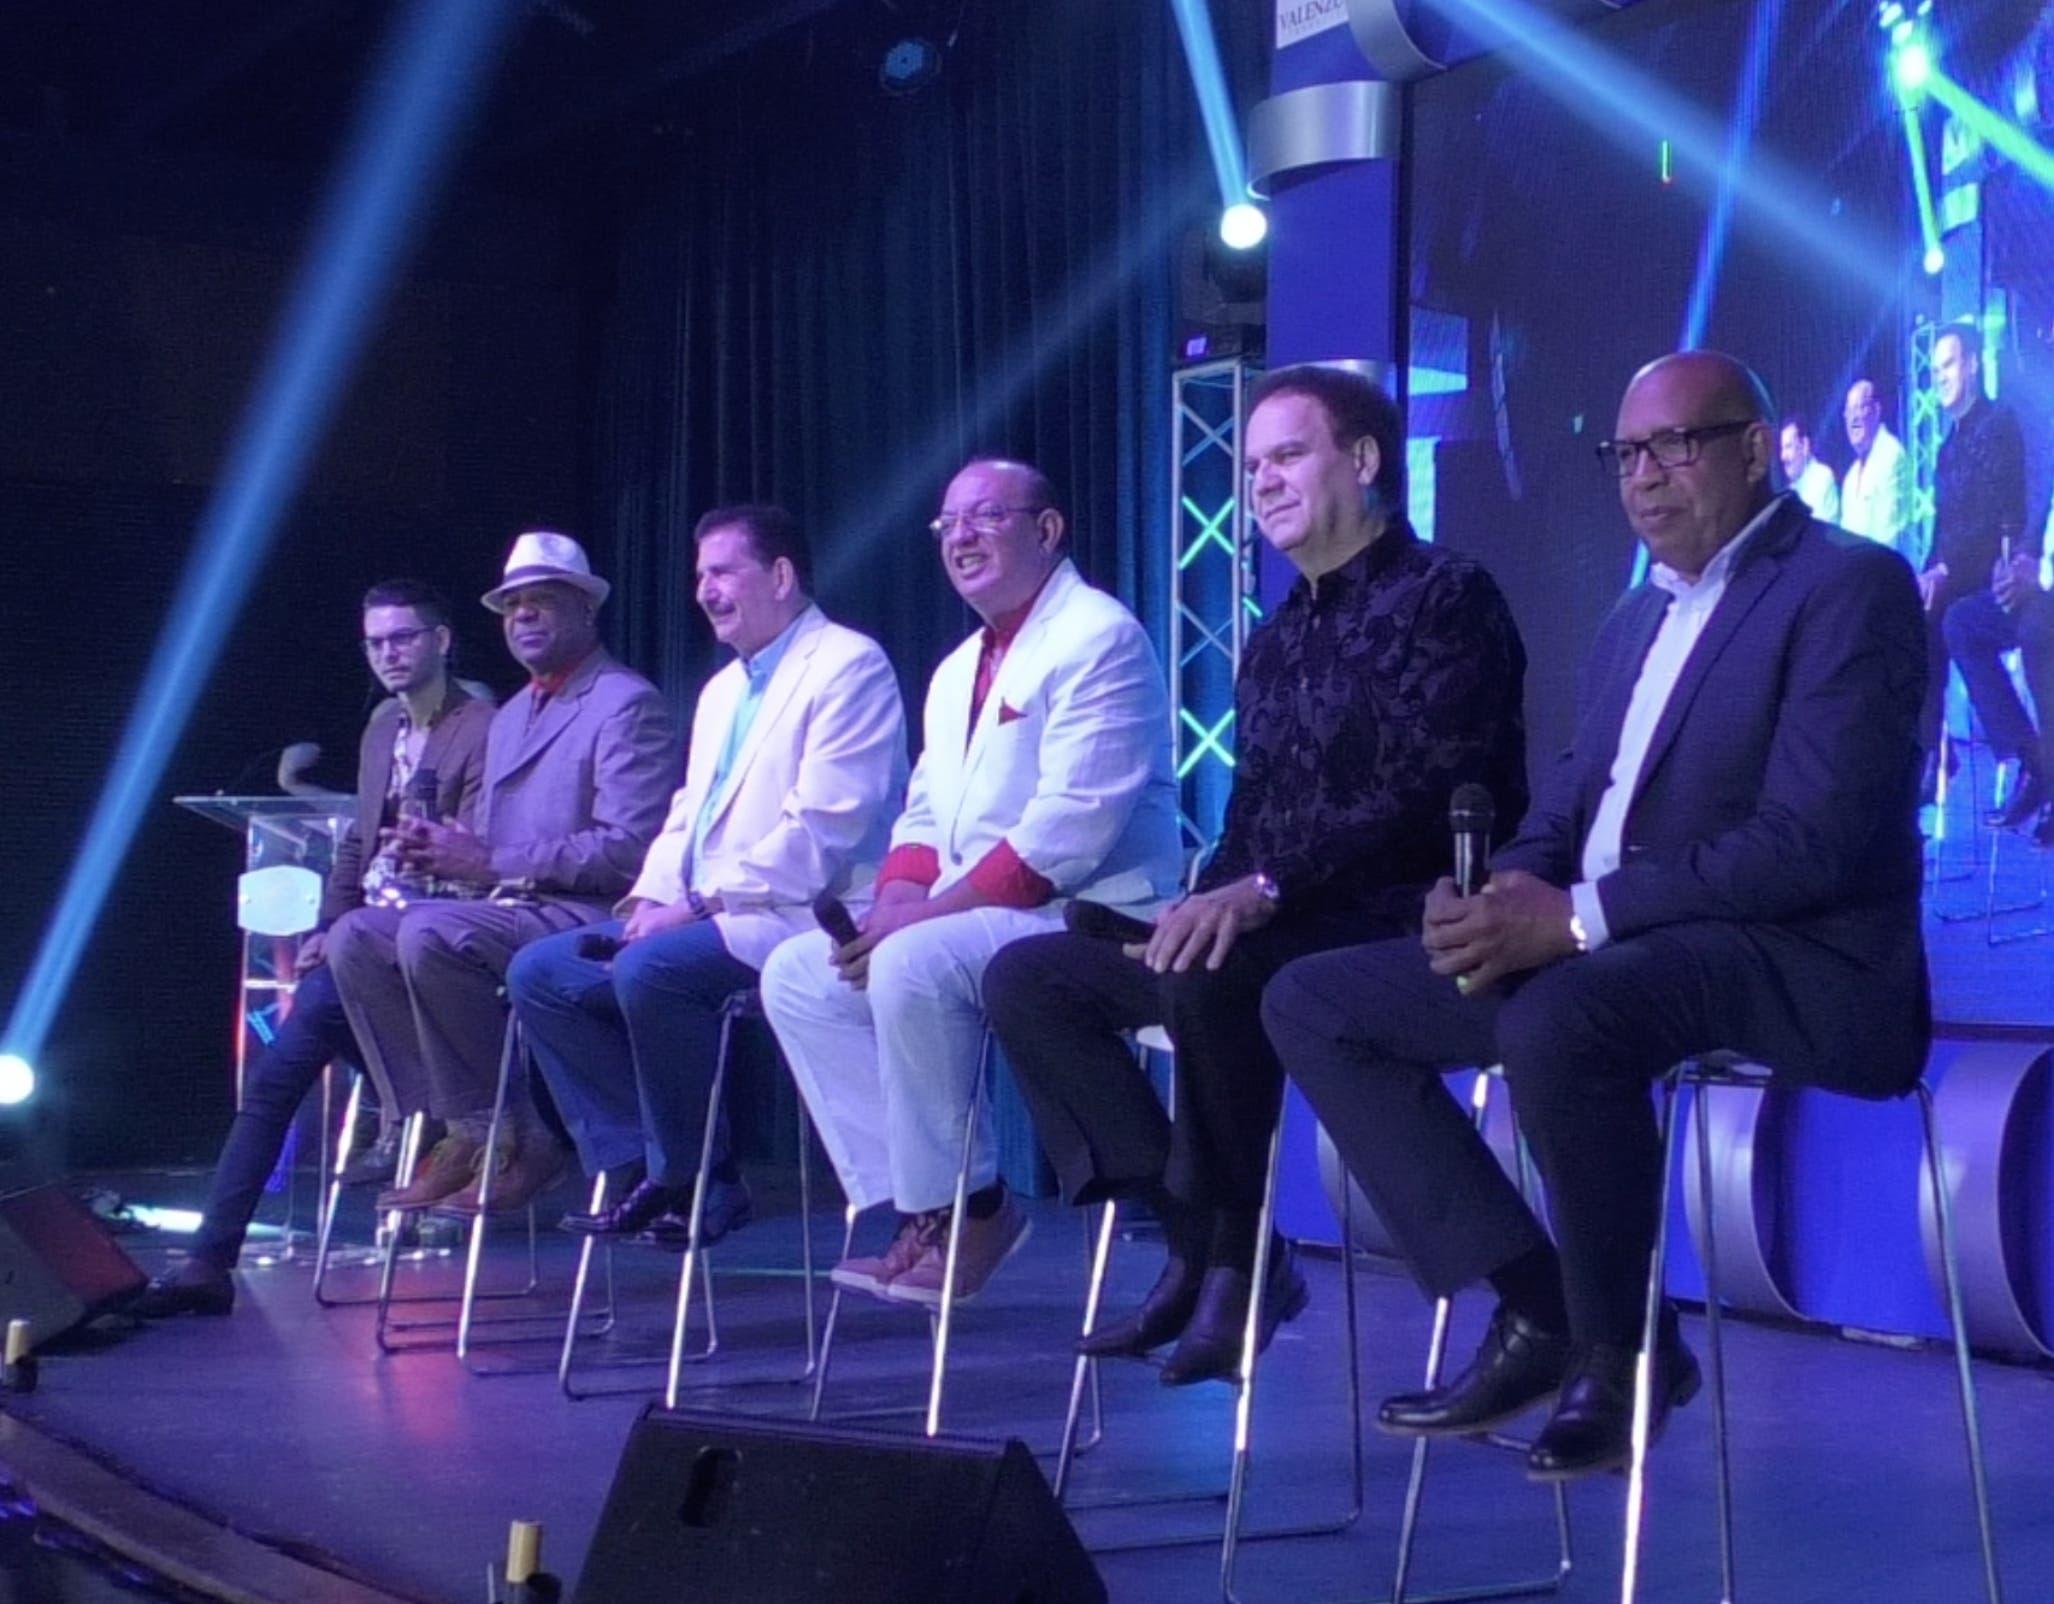 Camilo Then, Elías Santana, Adib Melgen, Chucky Acosta, Javish Victoria y Amable Valenzuela en rueda de prensa en Escenario 360.